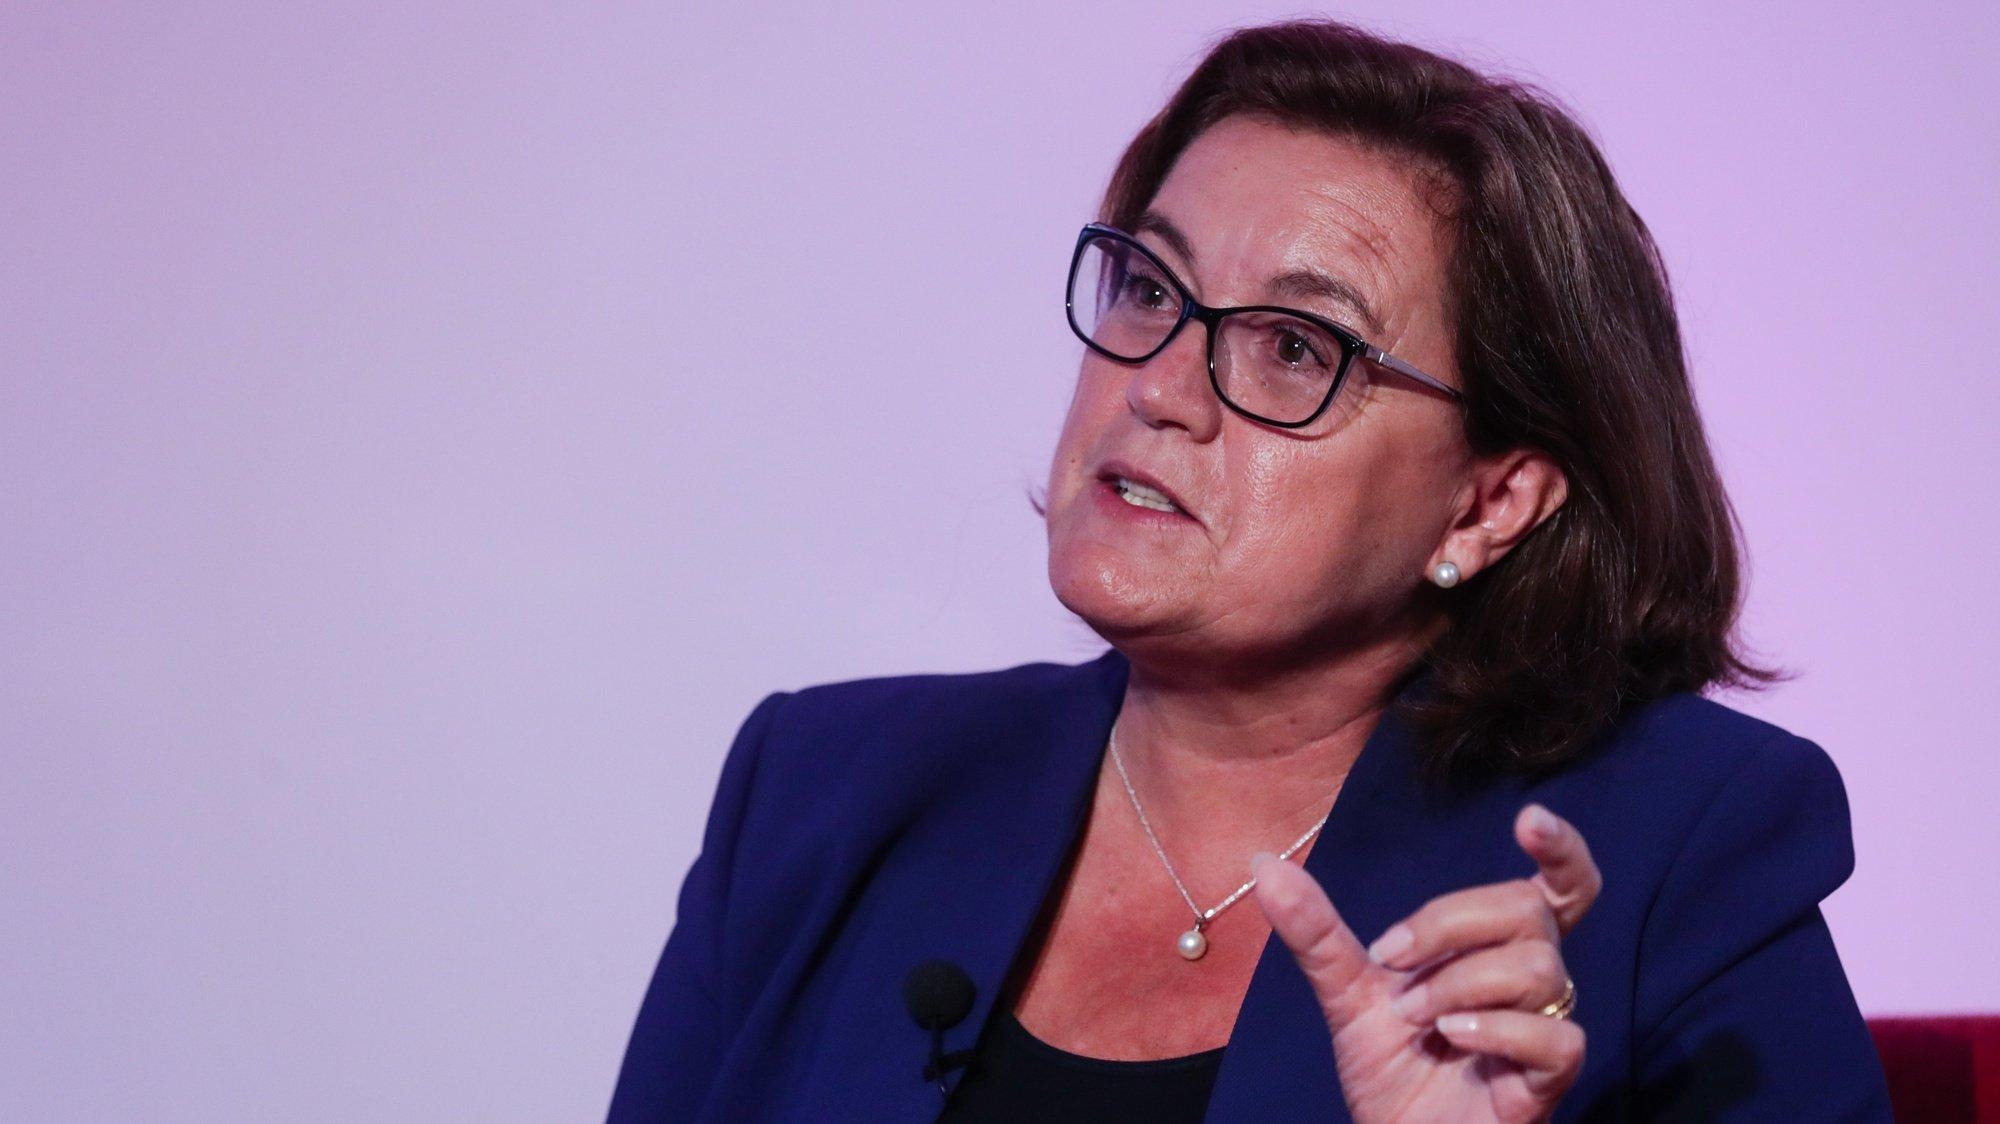 No dia em que a presidente da Comissão Europeia, Ursula Von Der Leyen, proferiu o seu primeiro discurso sobre o estado da União, a Agência Lusa e o Parlamento Europeu em Portugal organizaram um debate sobre o estado da UE com a participação da secretária de Estado dos Assuntos Europeus, Ana Paula Zacarias, na sede da Agência Lusa em Lisboa, 16 de setembro de 2020. TIAGO PETINGA/LUSA